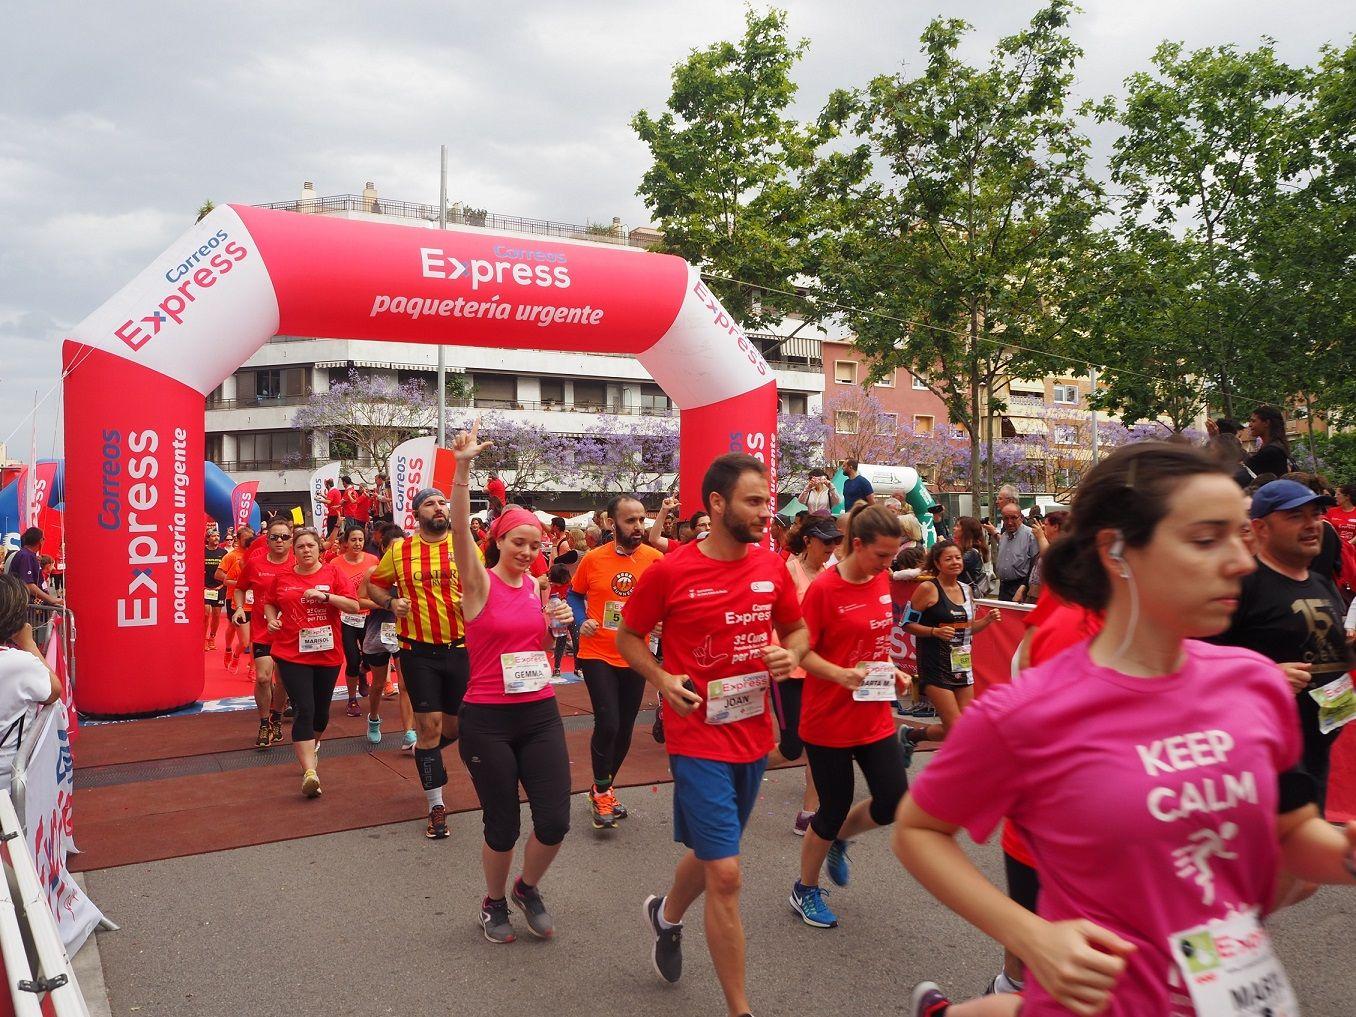 Correos Express vuelve a apoyar a los afectados por la ELA con una carrera solidaria